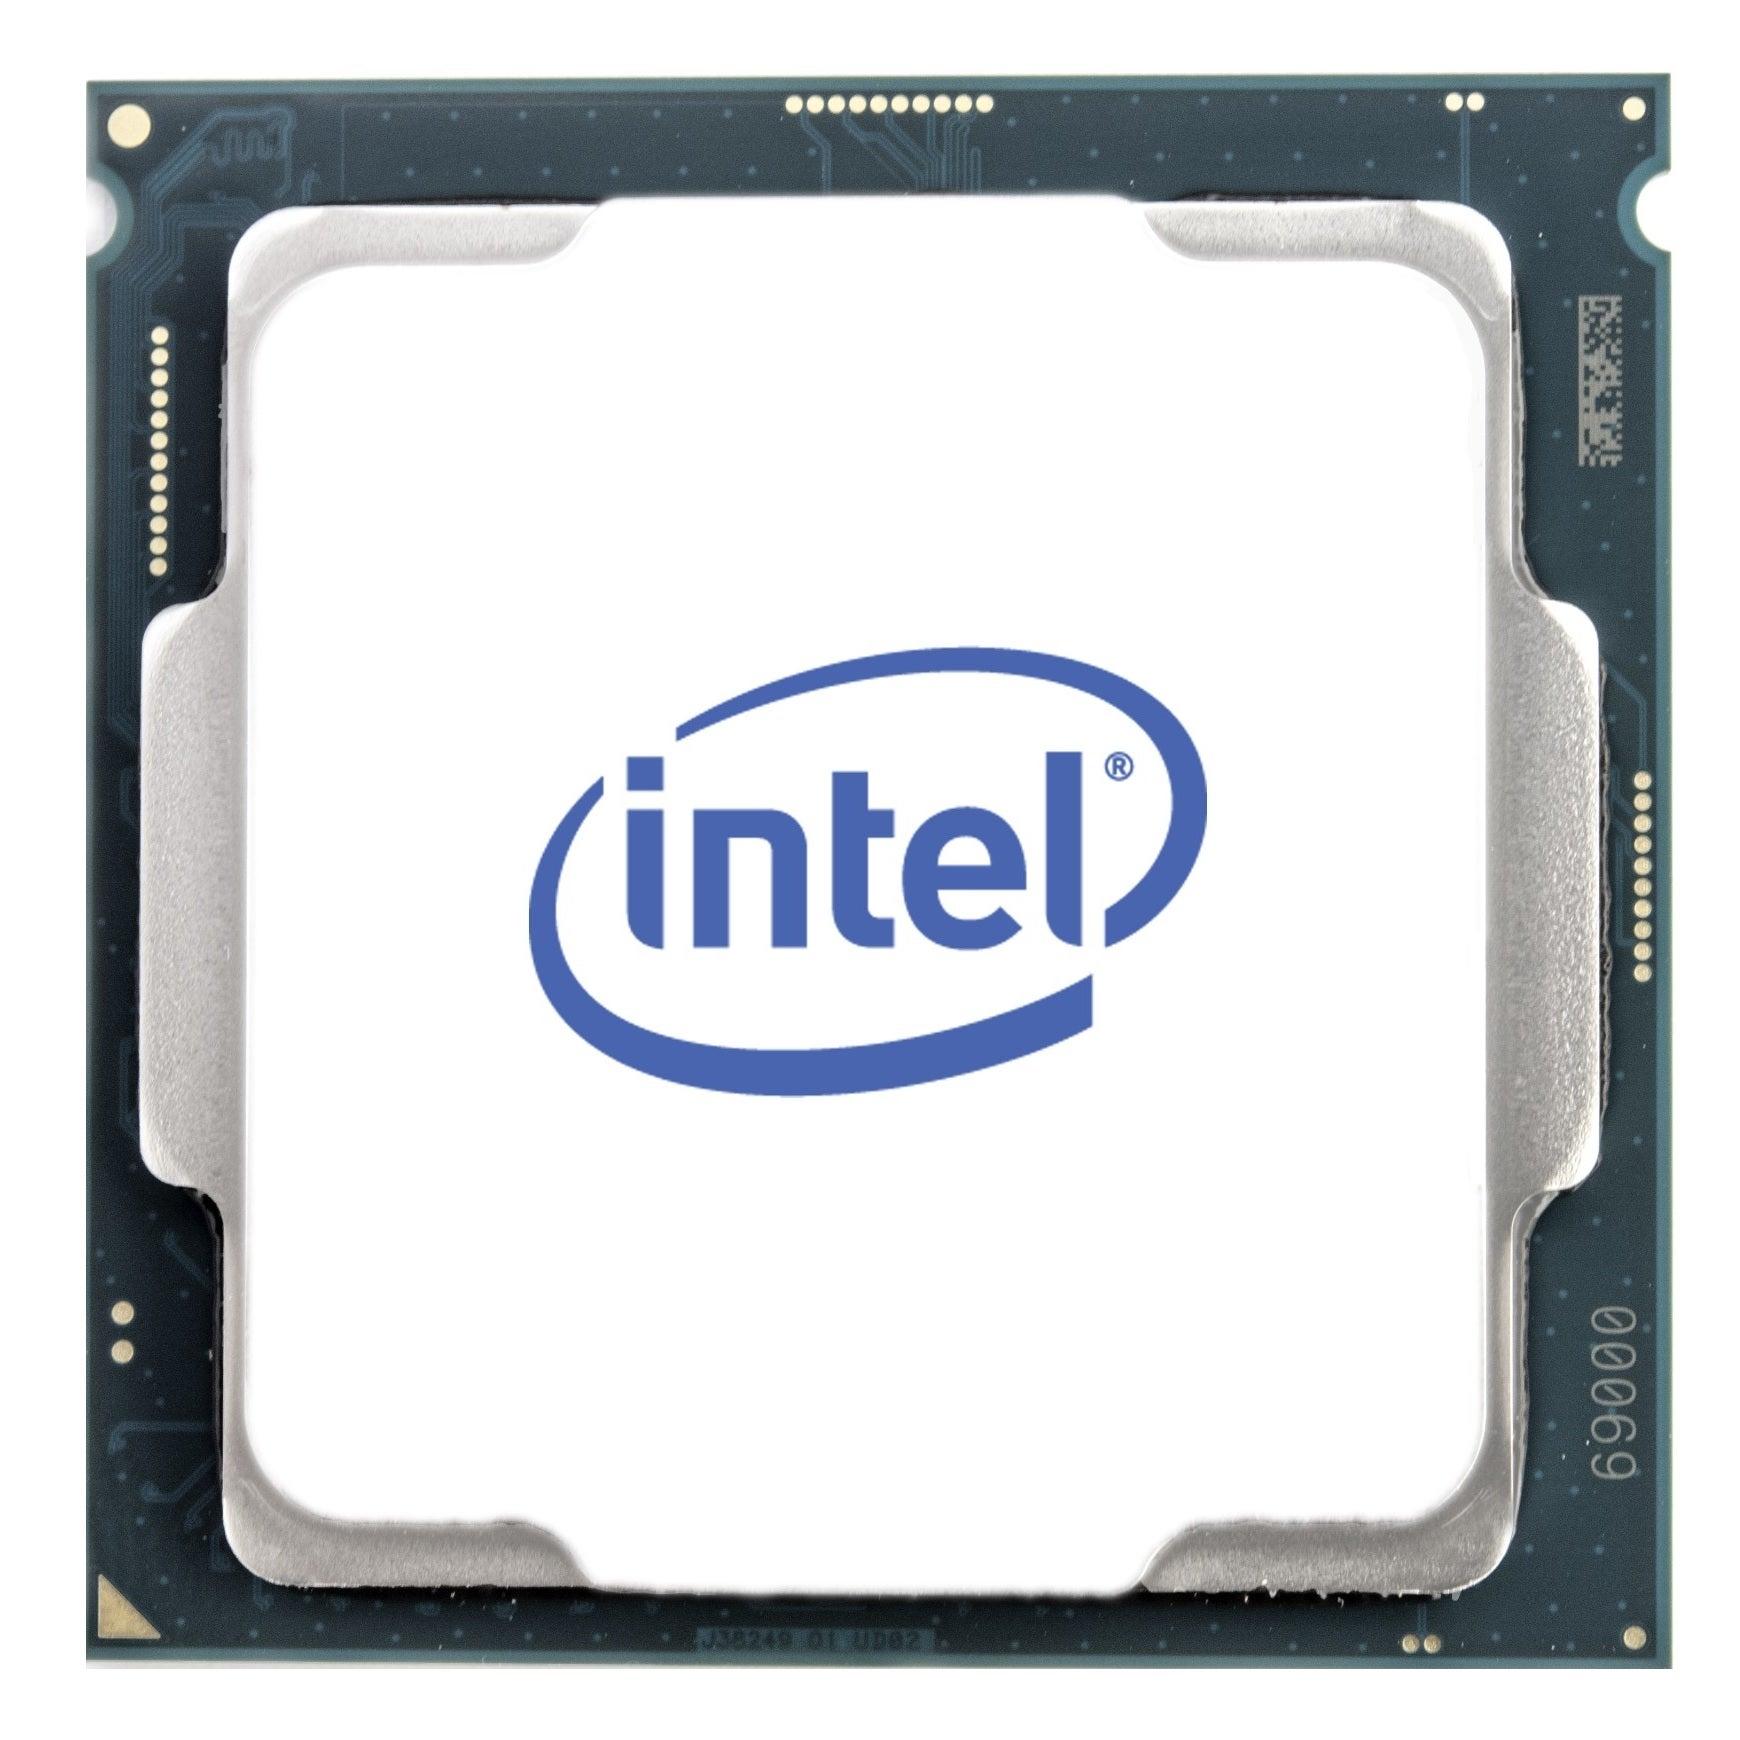 Intel Core i7-10700F 2.9GHz Processor